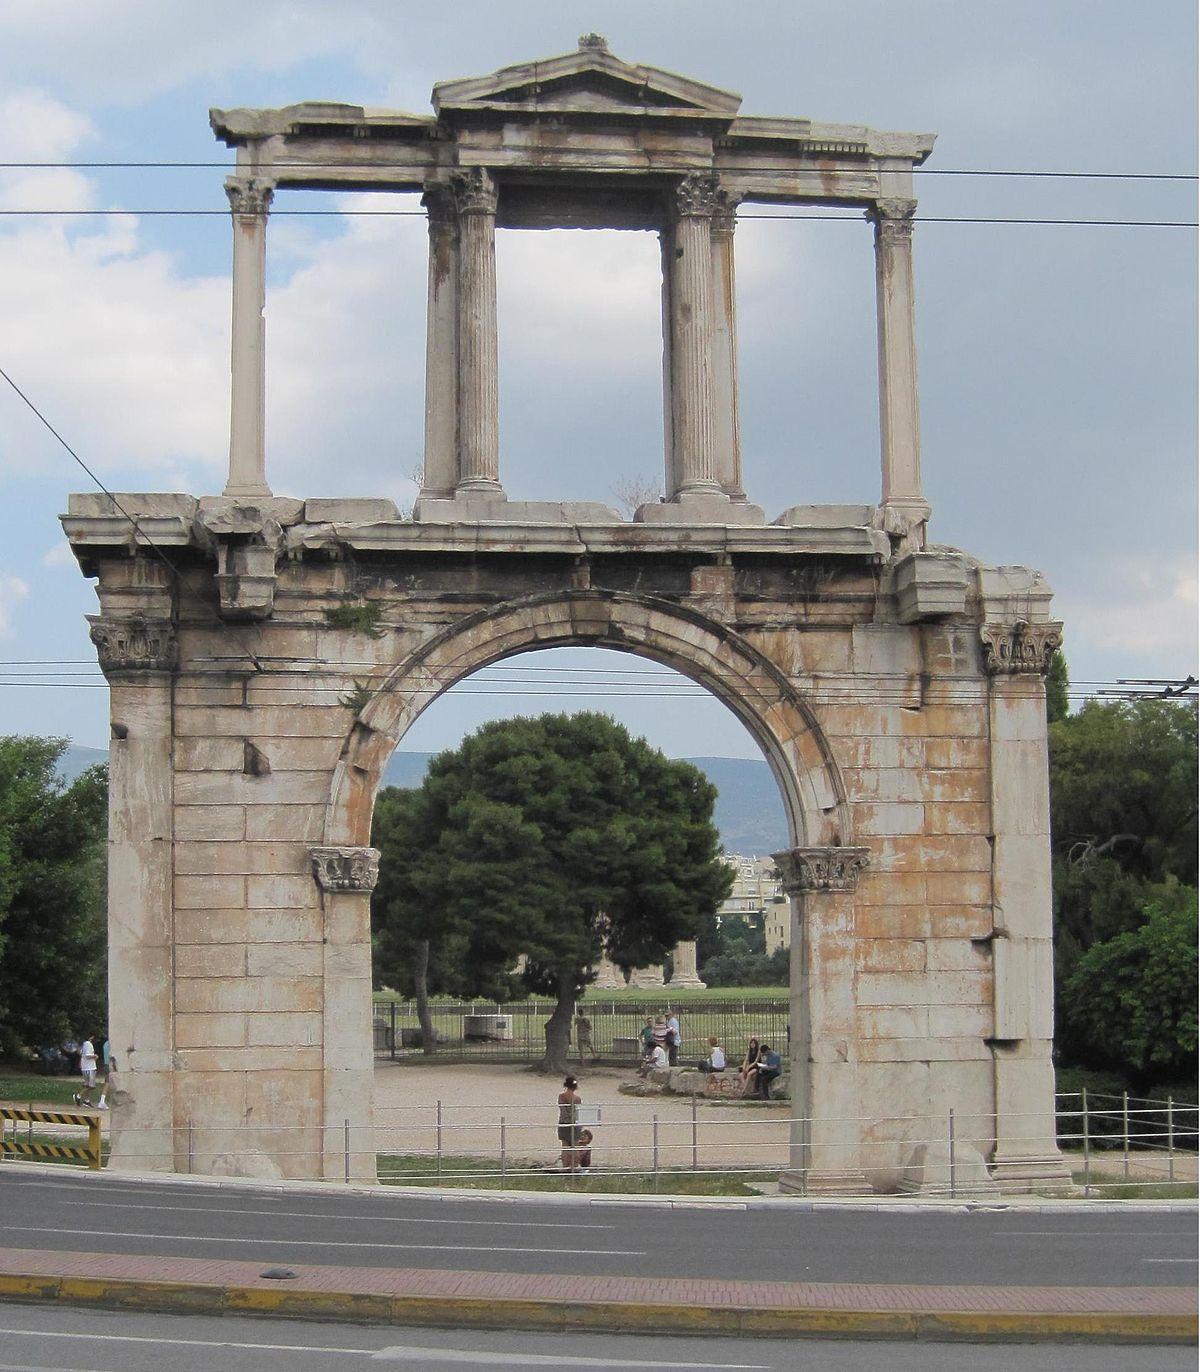 aa2955b935b Arch of Hadrian (Athens) - Wikipedia